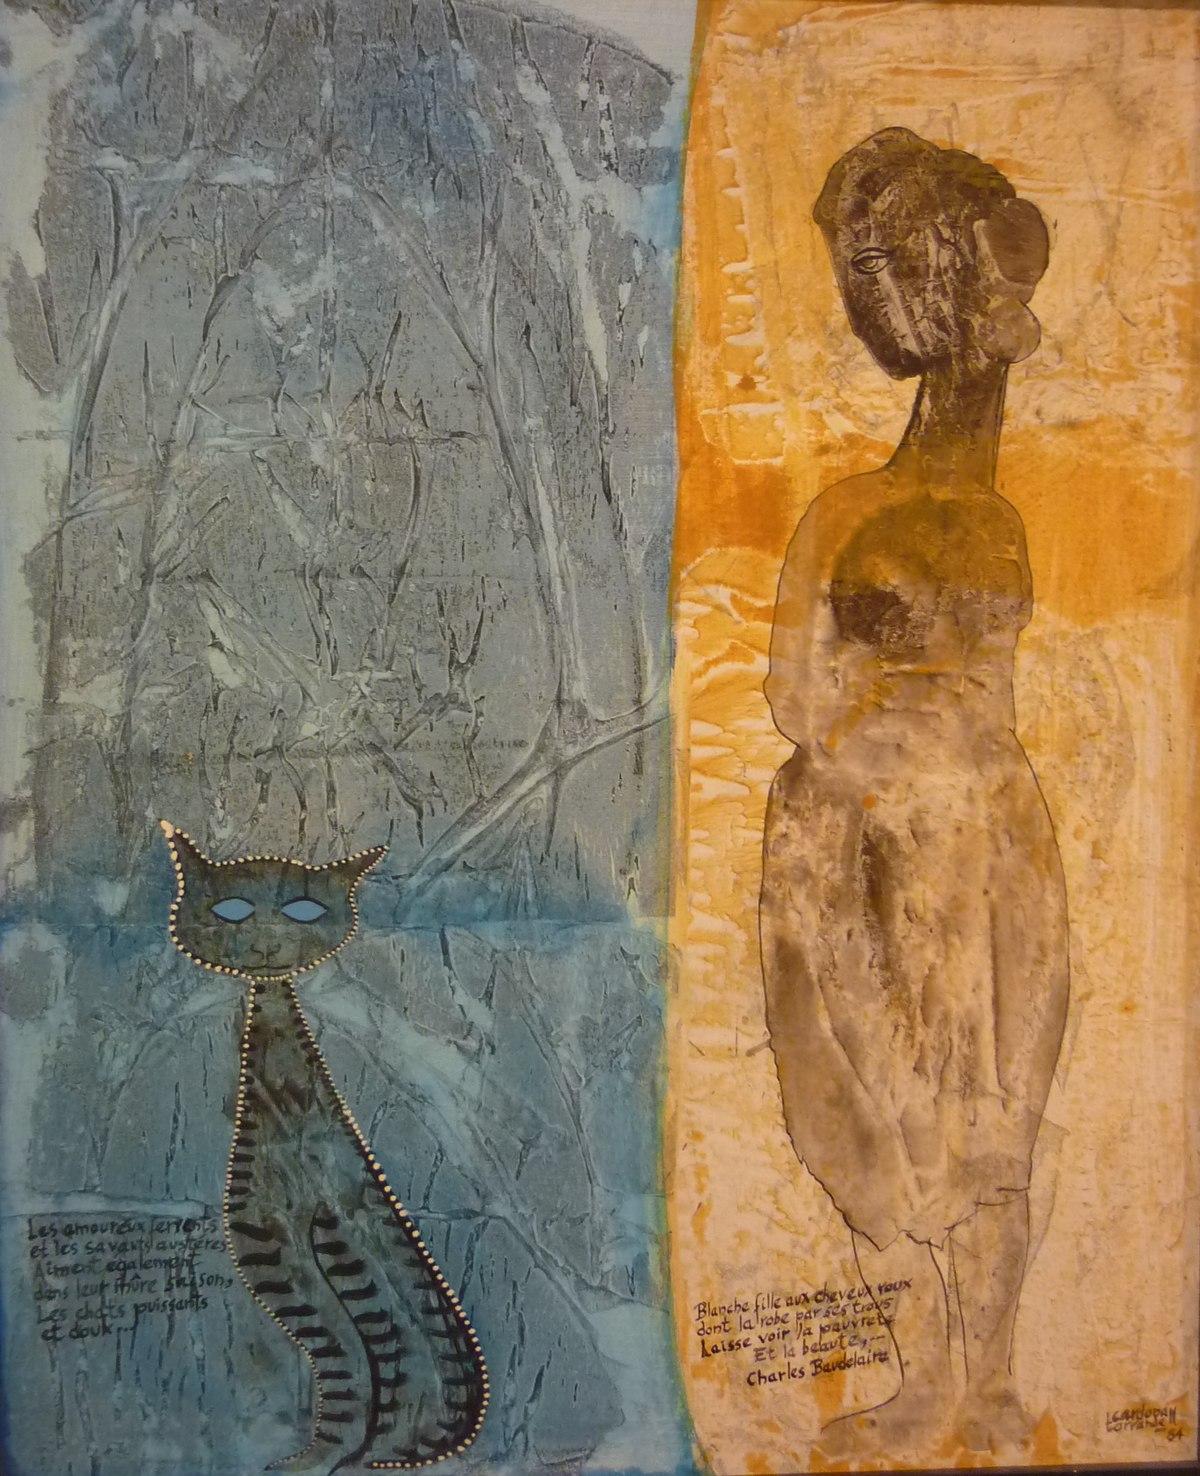 Armand Cardona Torrandell 'Gat i dona'.  Acrílic i oli sobre tela, 1984.